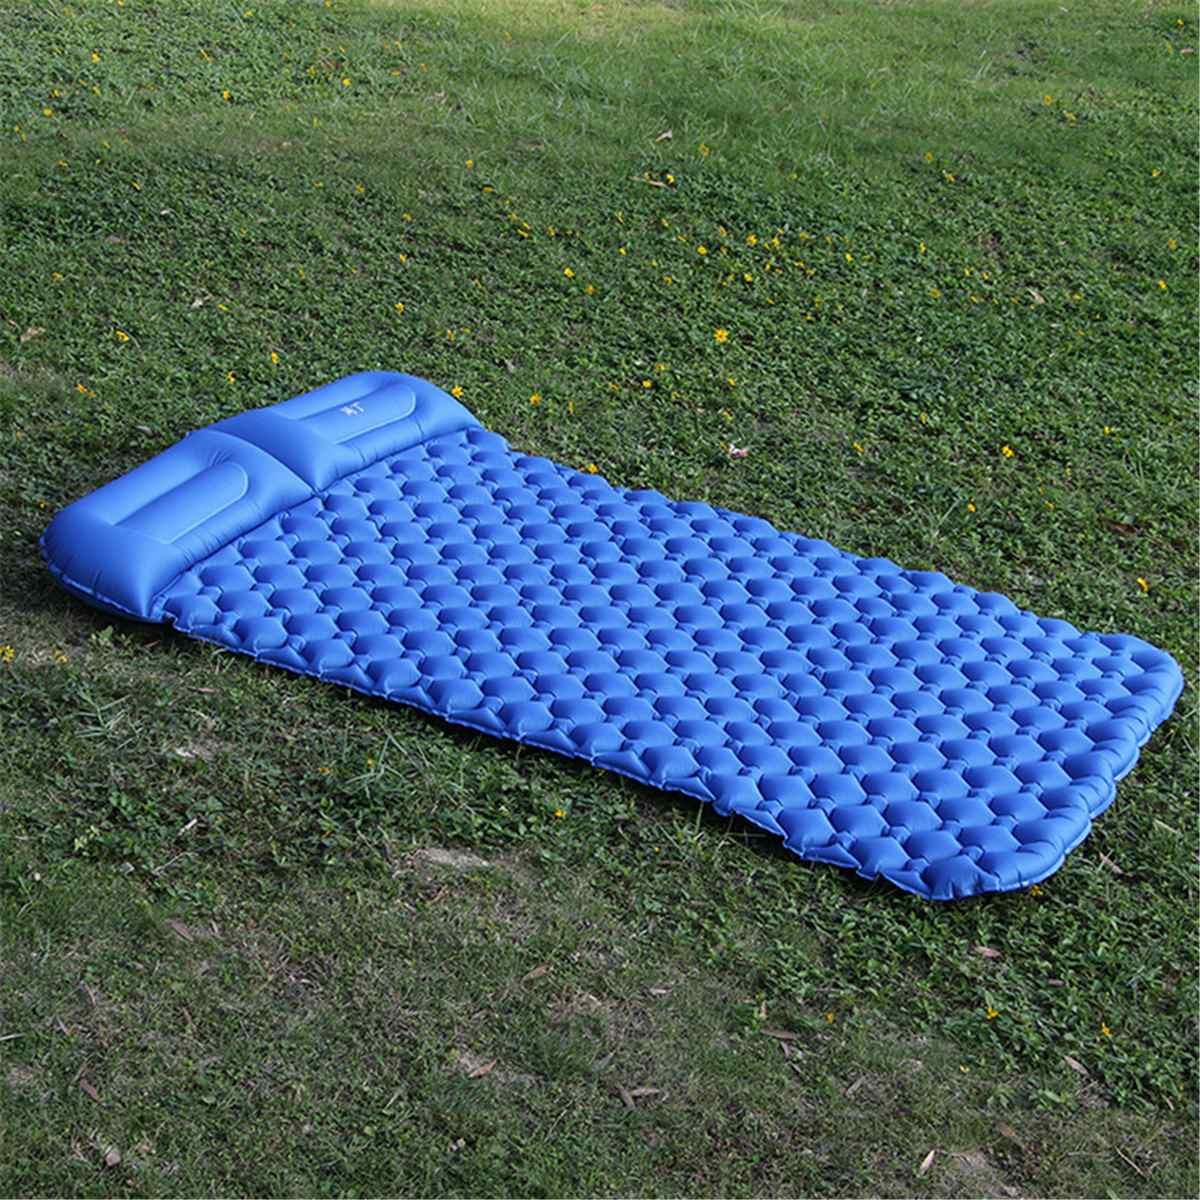 Tente Air Camping tapis Double coussin gonflable extérieur 2 personne pique-nique plage deux Plaid couverture bébé Pad maison repos doux matelas